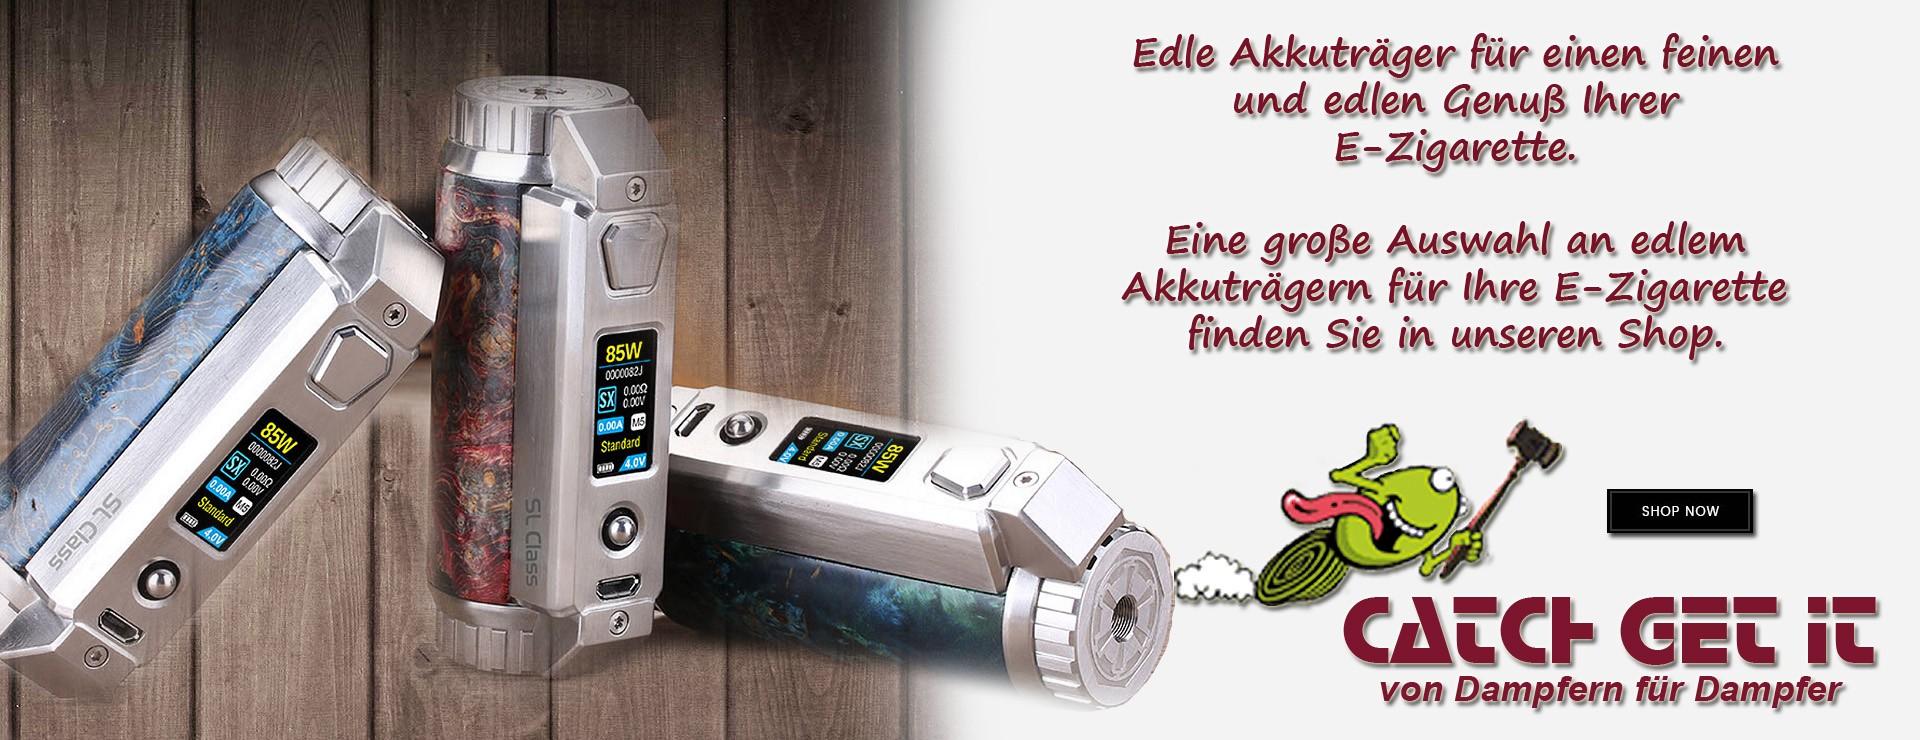 Catch Get It - von Dampfern für Dampfer - Unser Sortiment für die e-Zigarette - Akkus, Akkuträger und Squonker